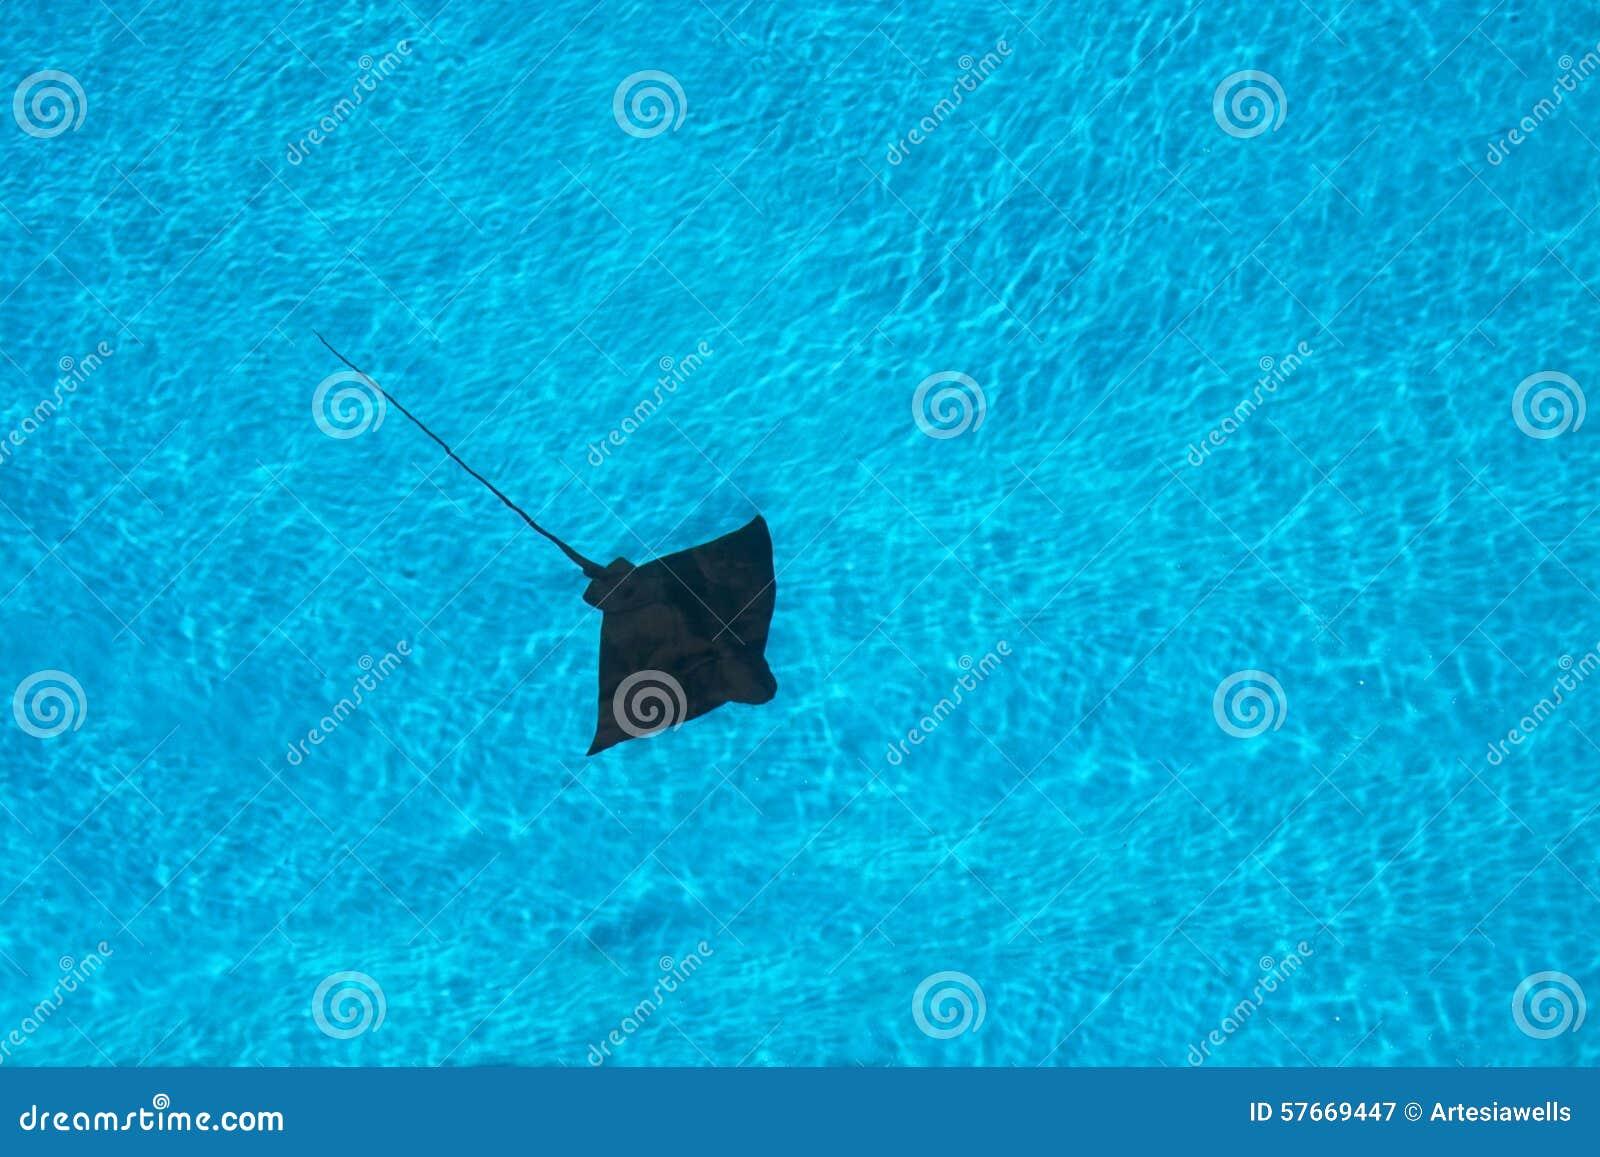 黄貂鱼游泳